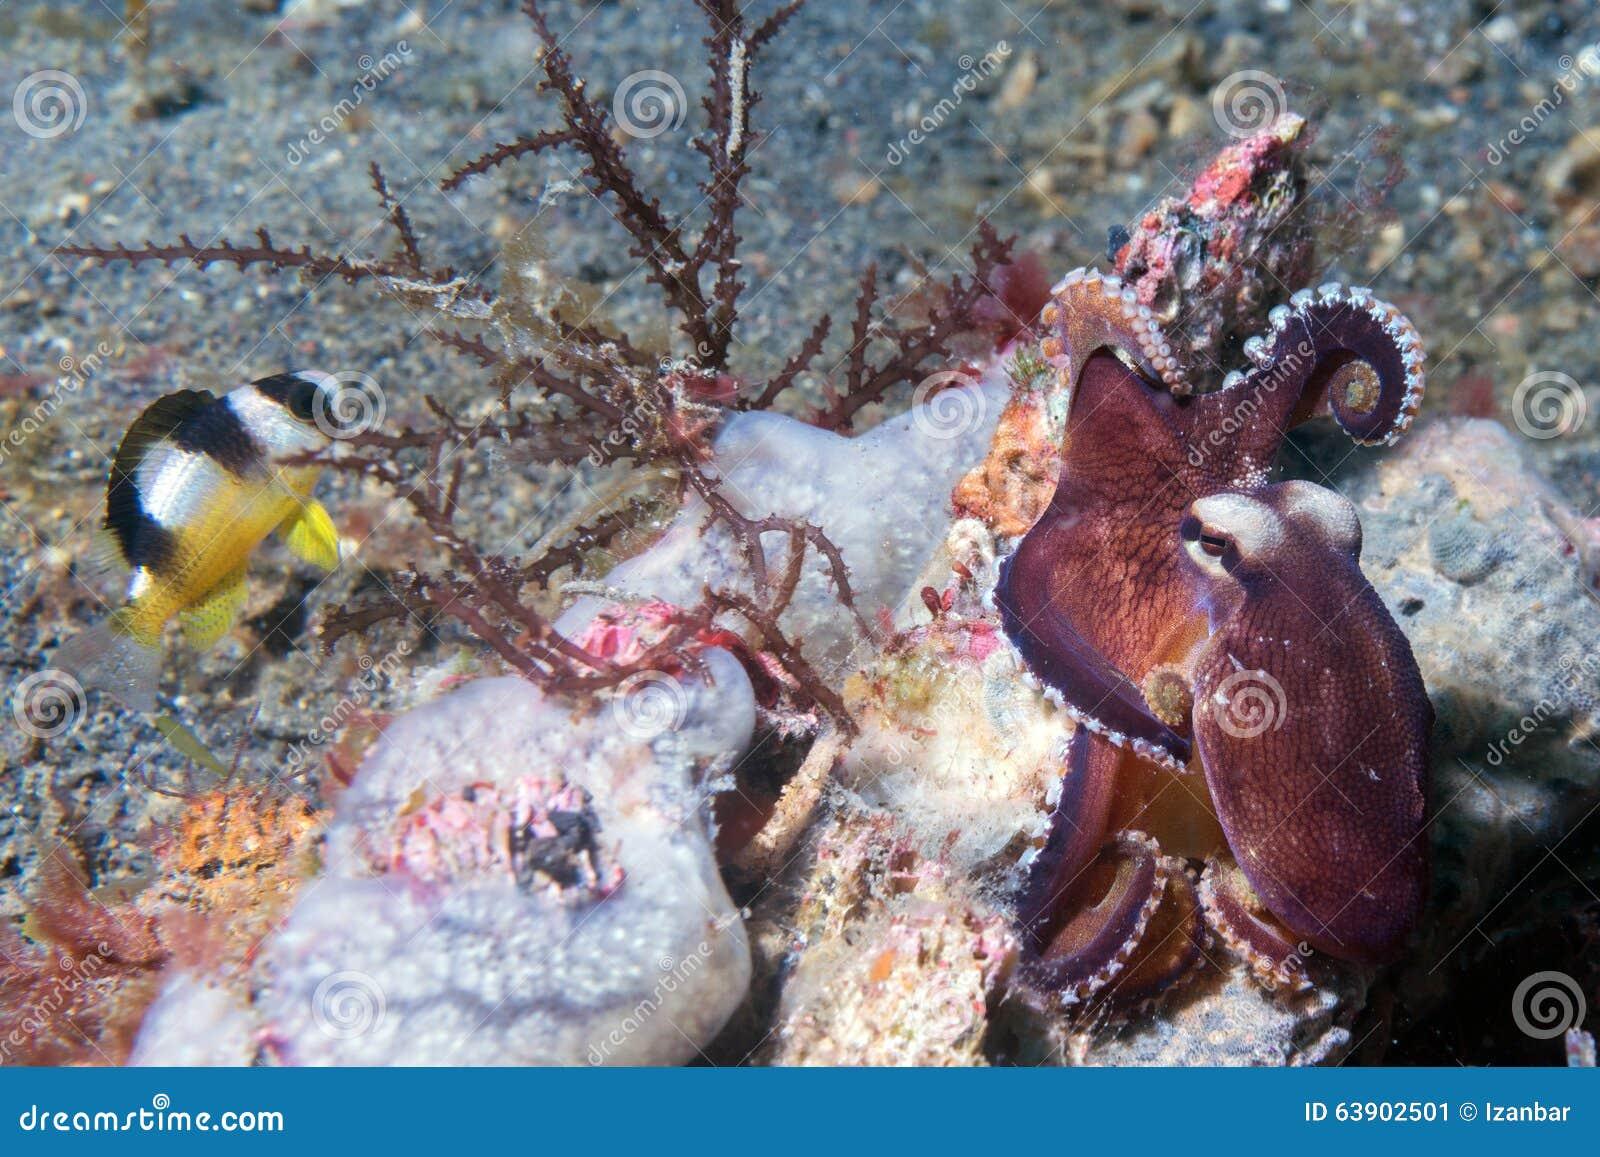 Retrato subaquático do polvo do coco fora do ninho